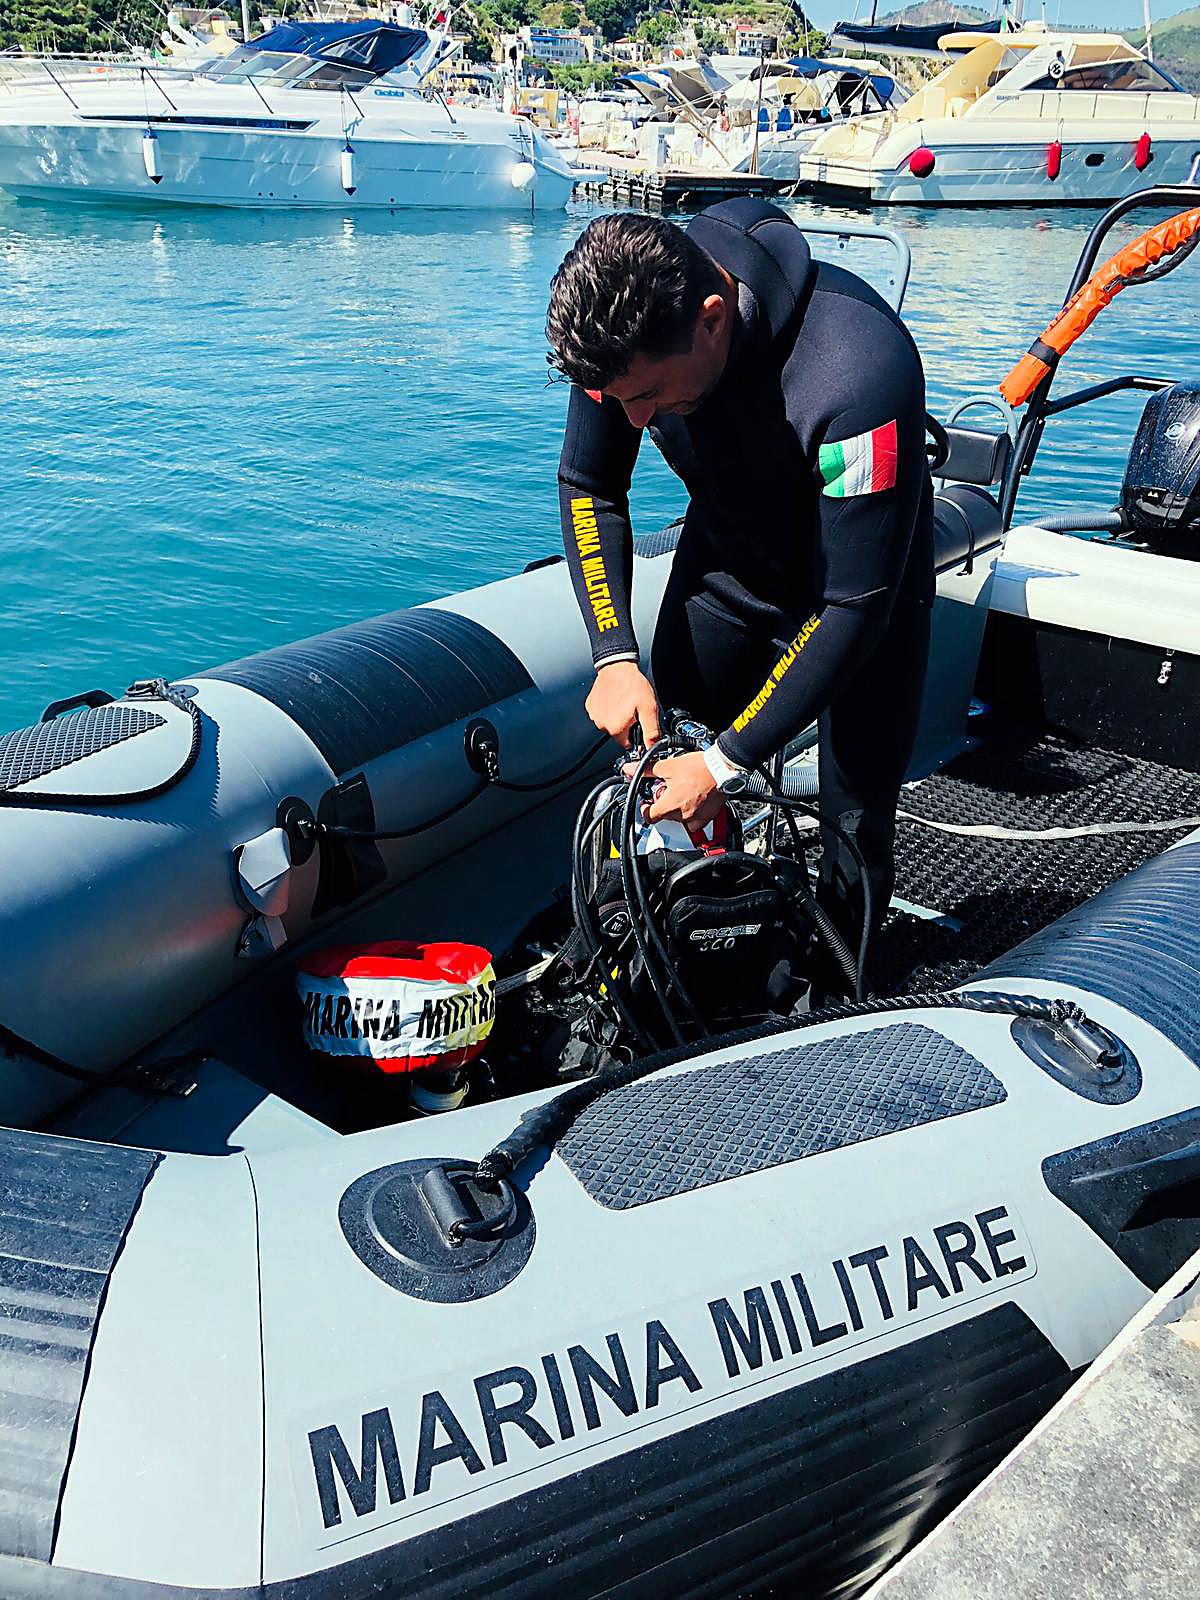 Calendario Marina Militare 2020.Ischia News Ed Eventi Marina Militare I Palombari Della